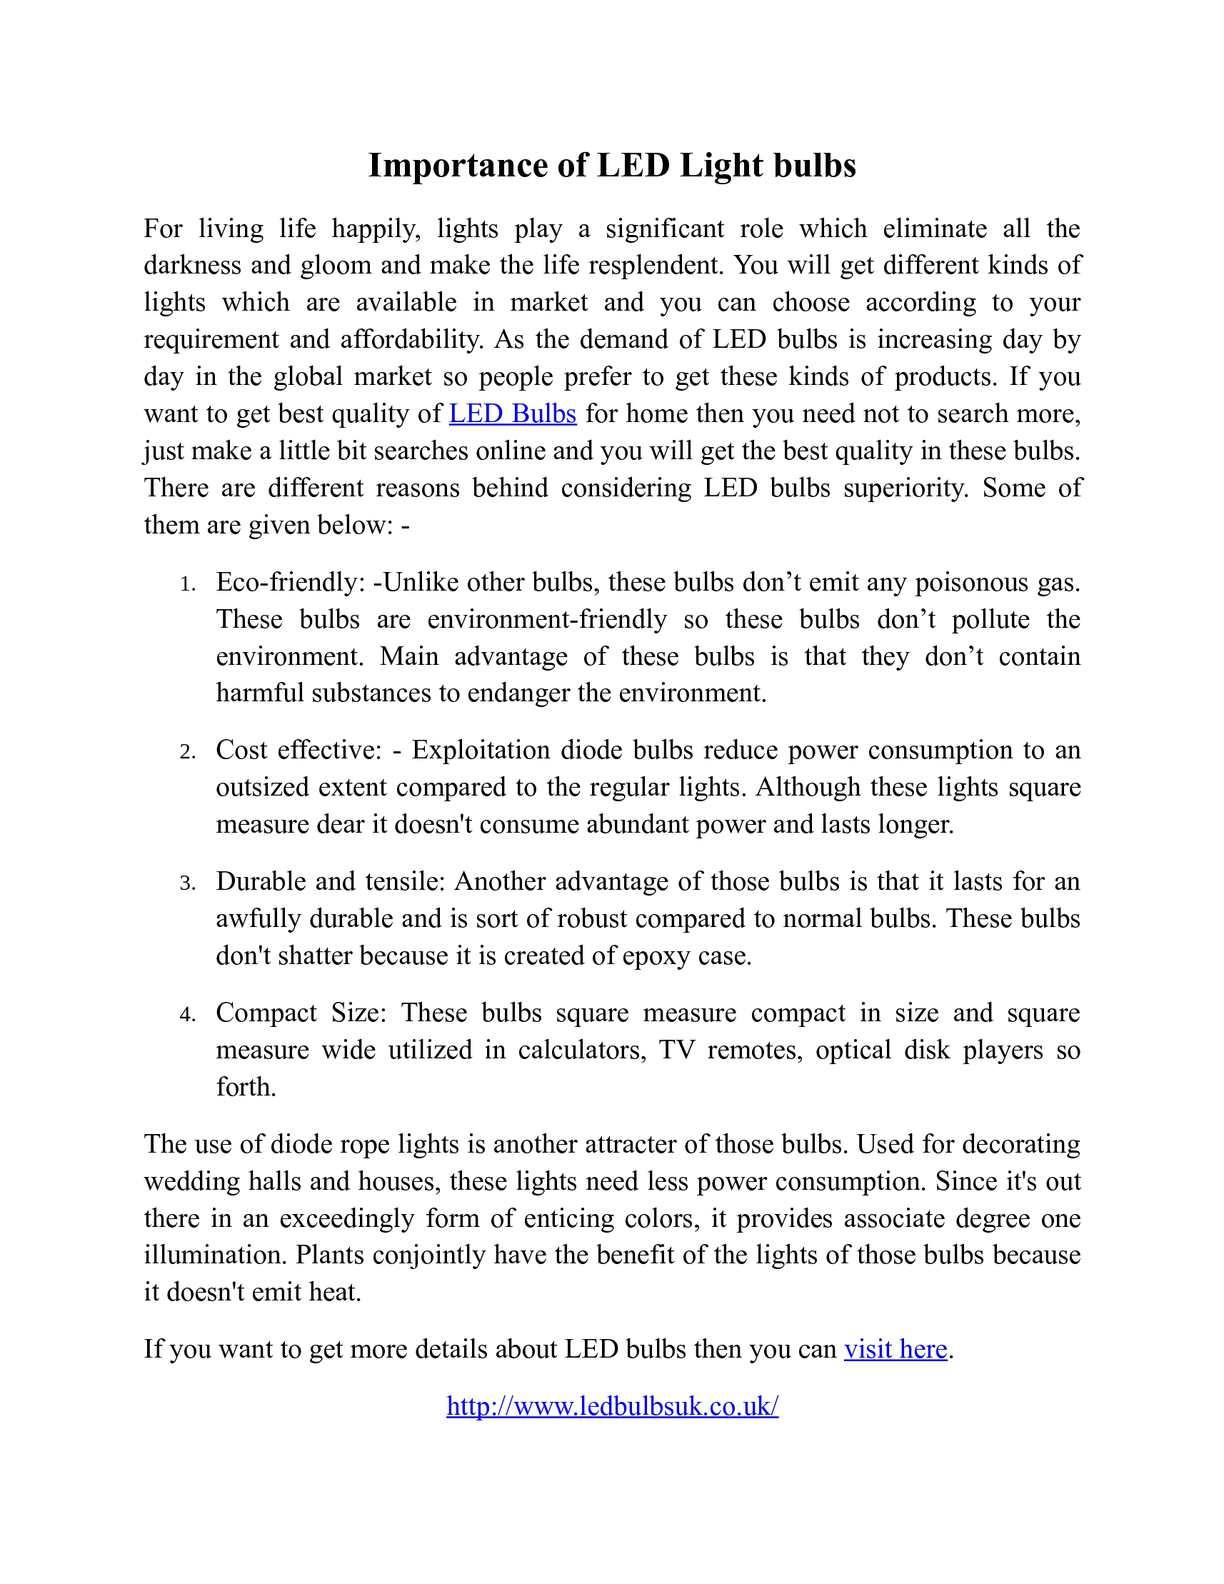 Calaméo - Importance of LED Light bulbs